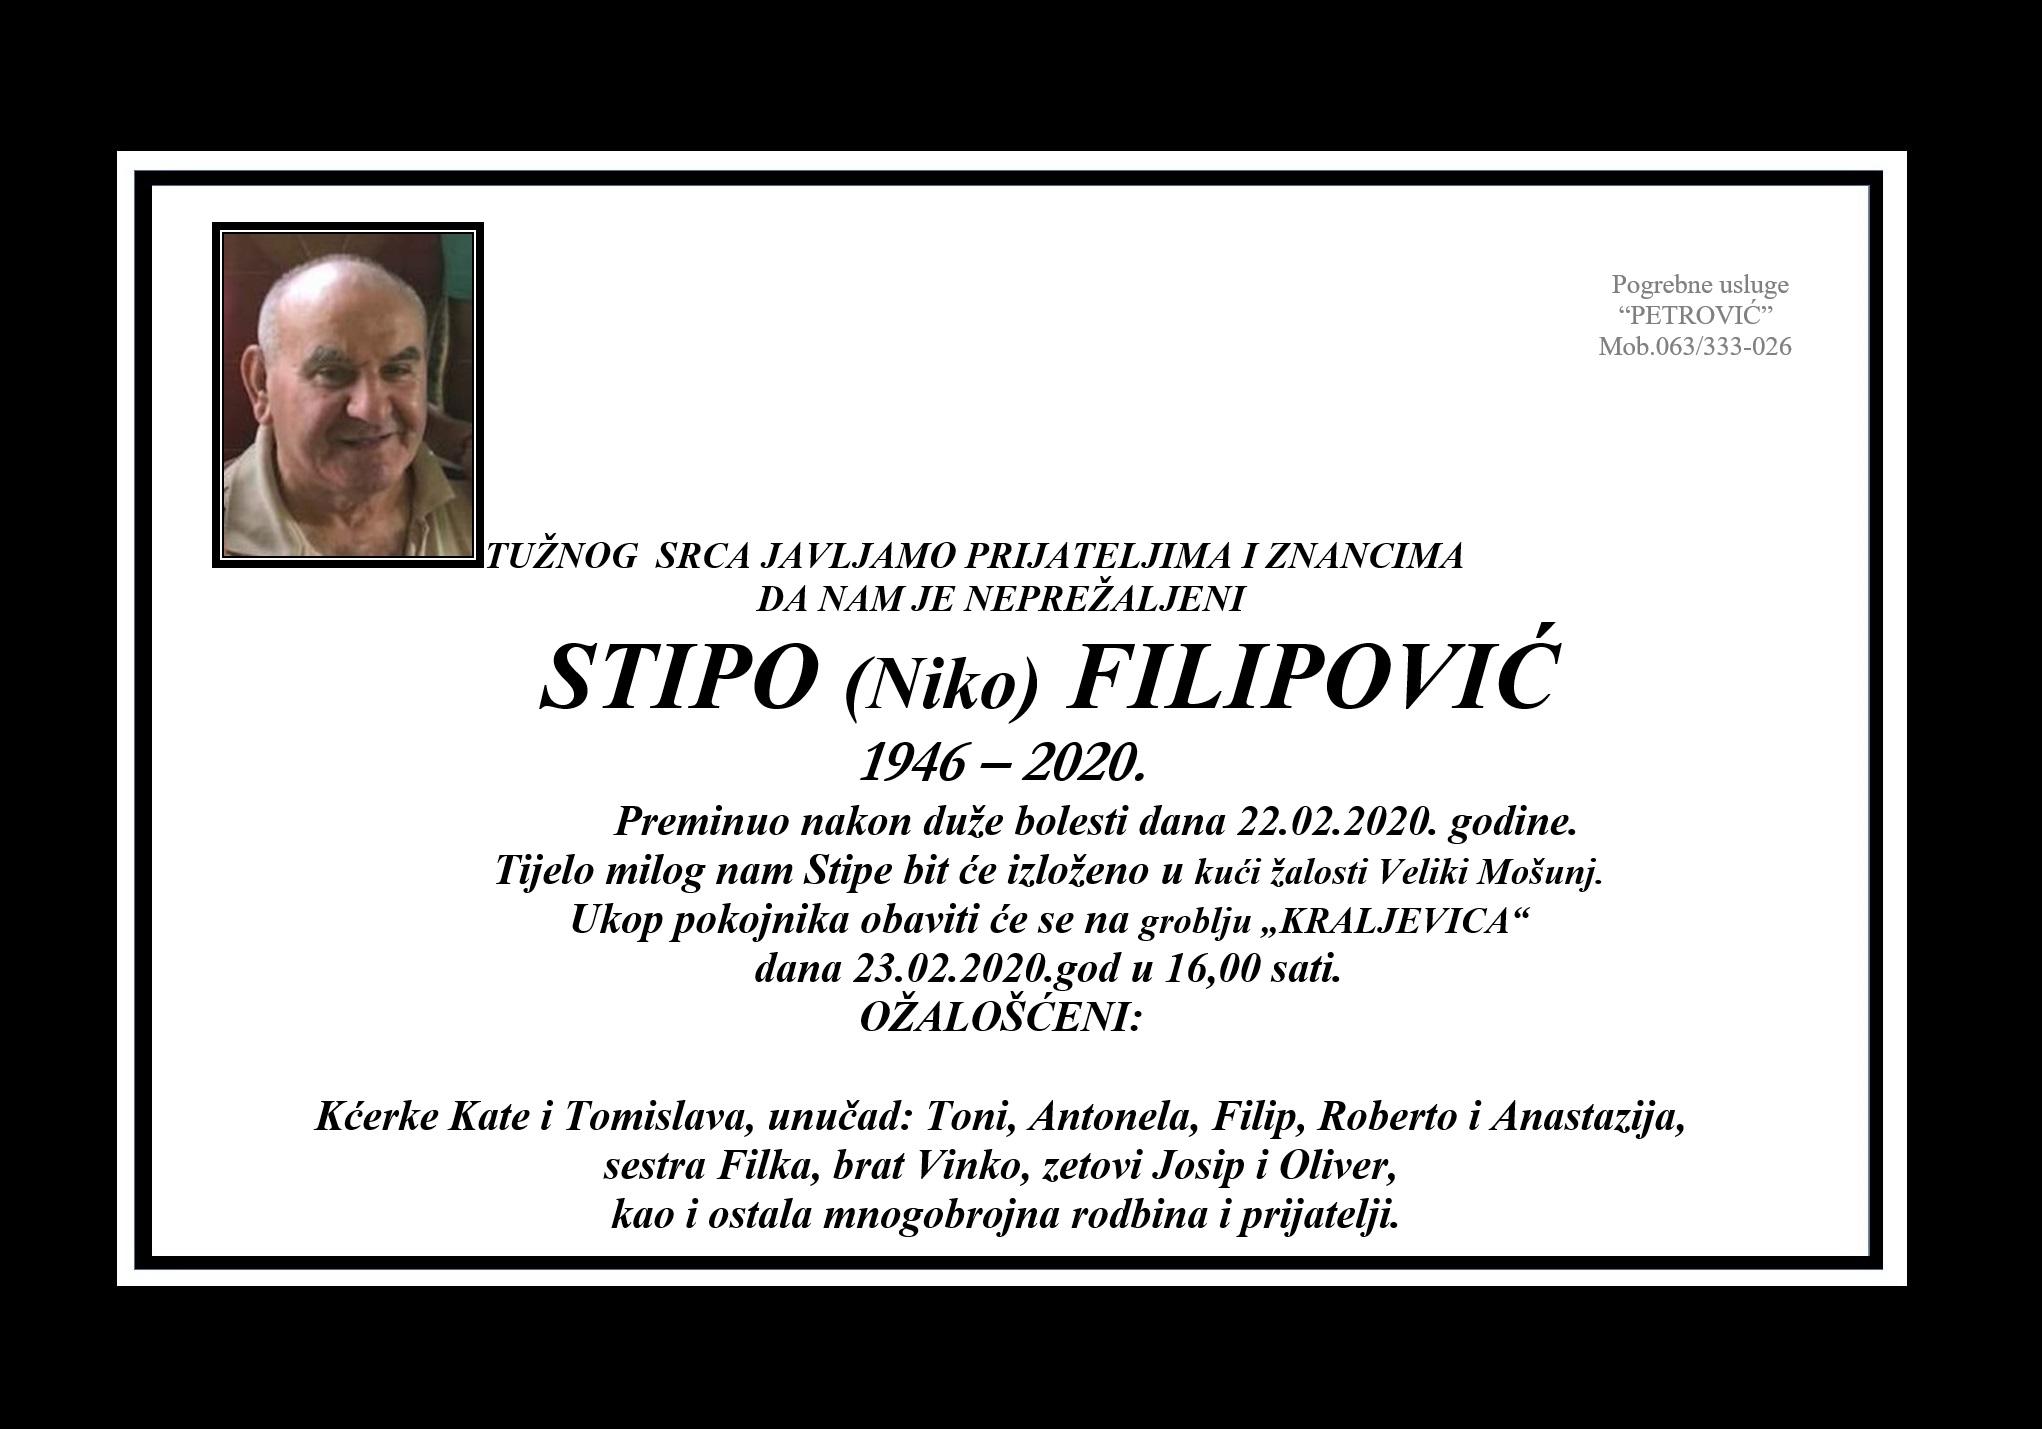 Stipo (Niko) Filipović